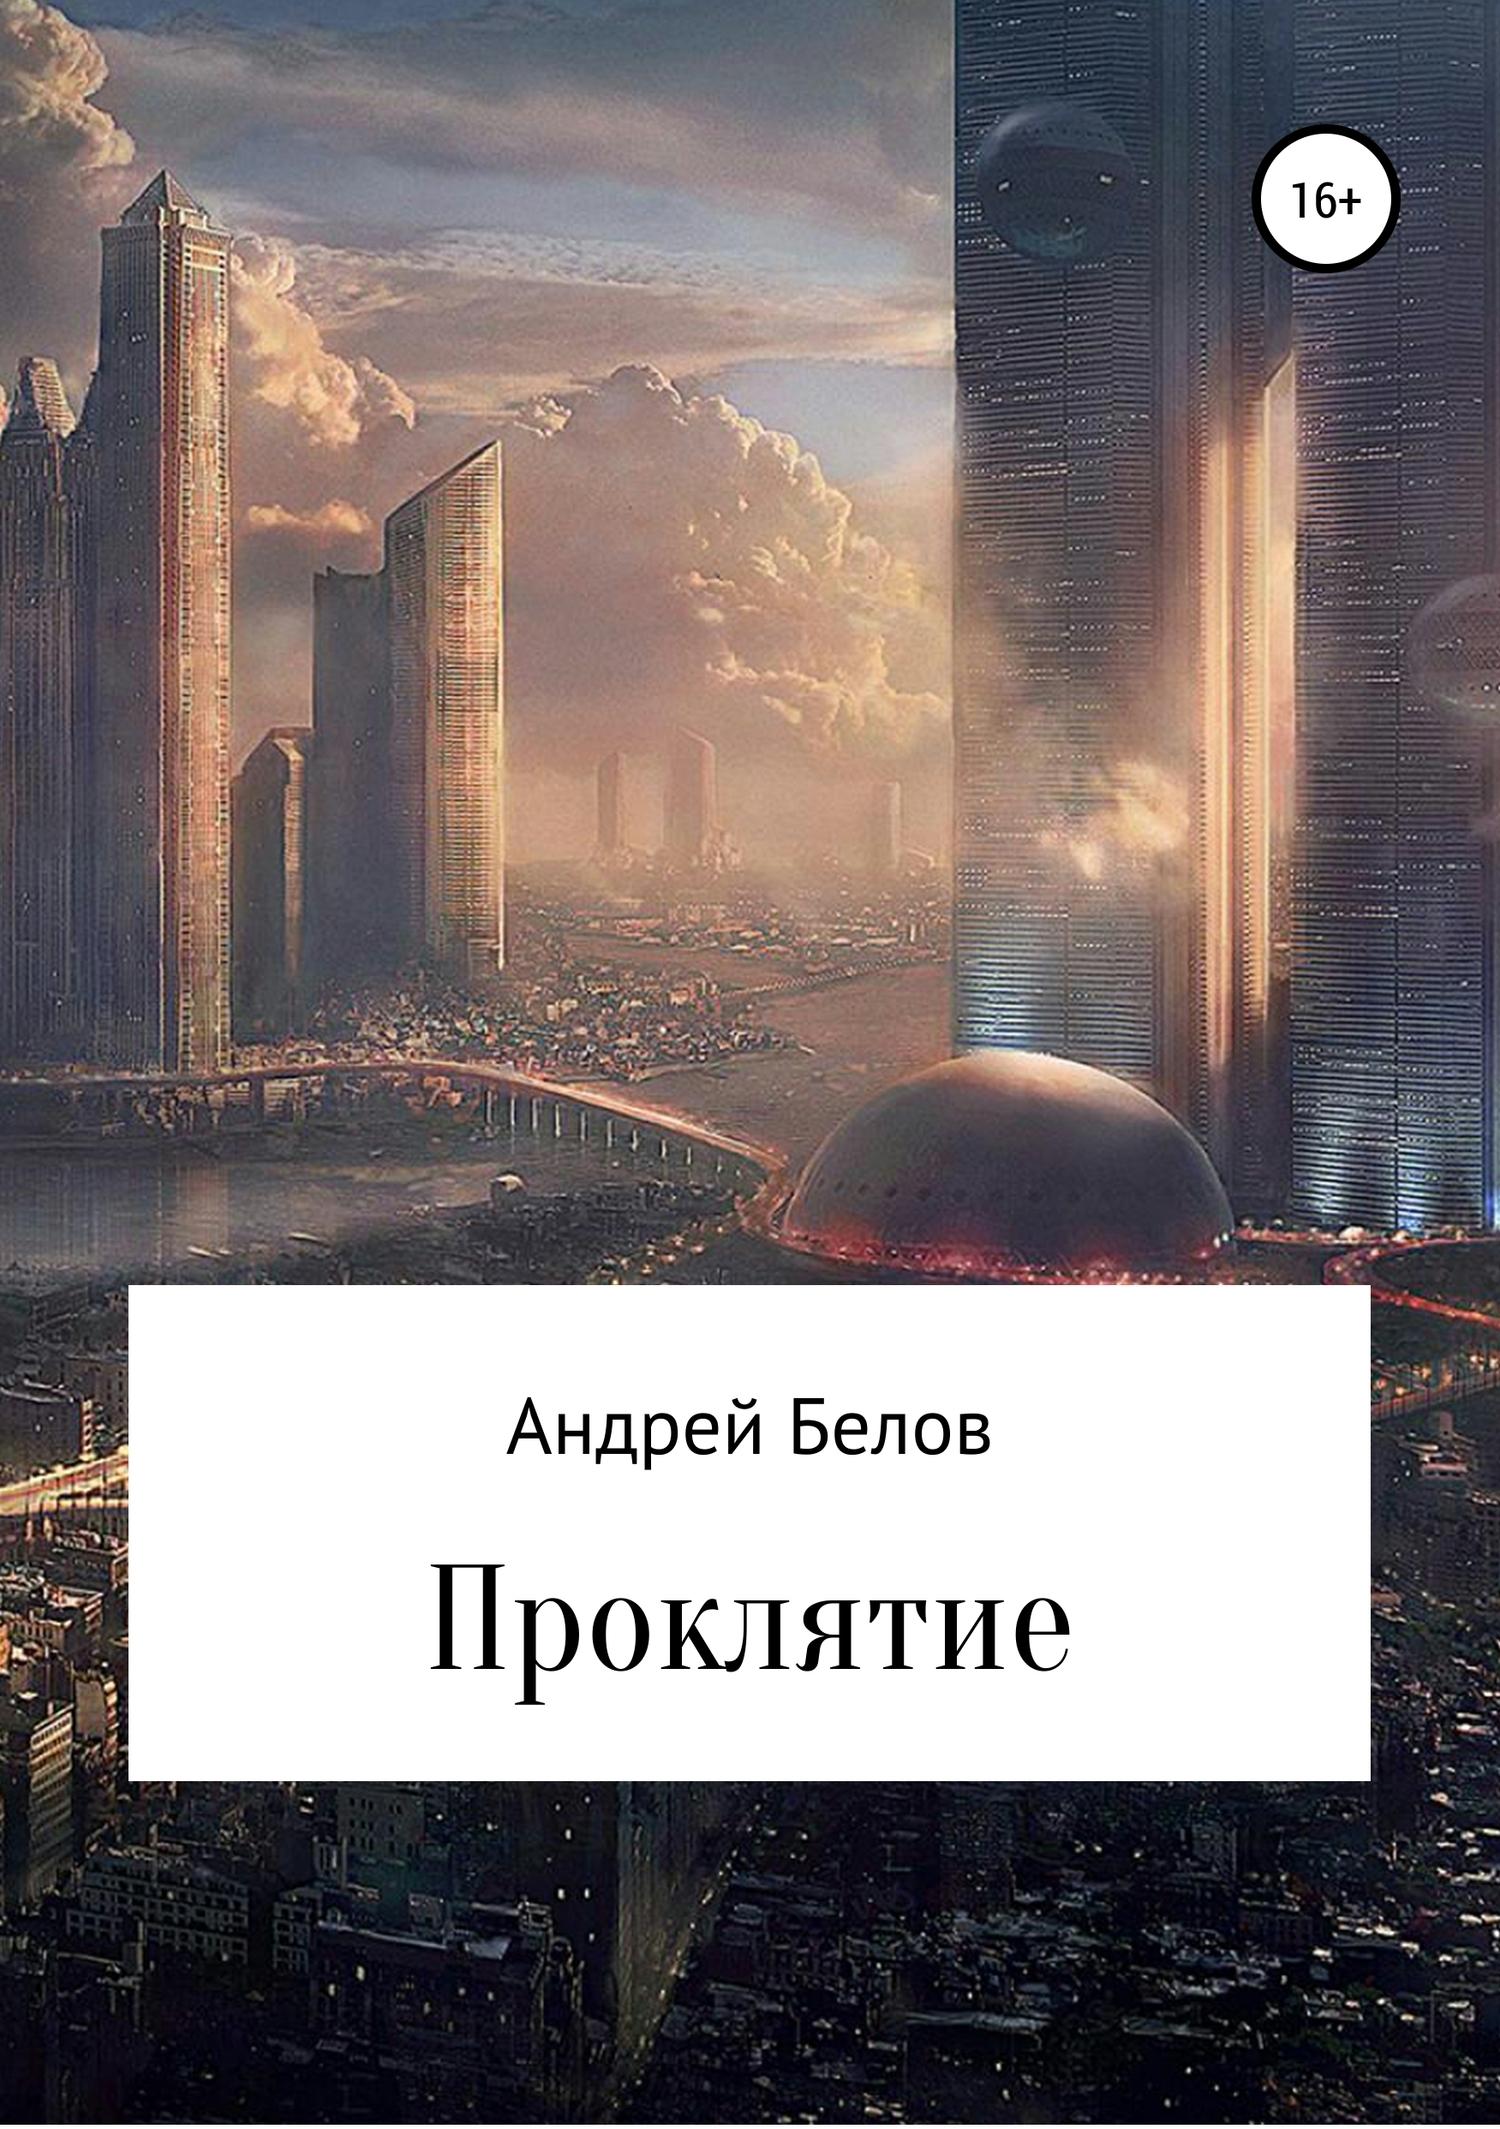 Андрей Белов - Проклятие